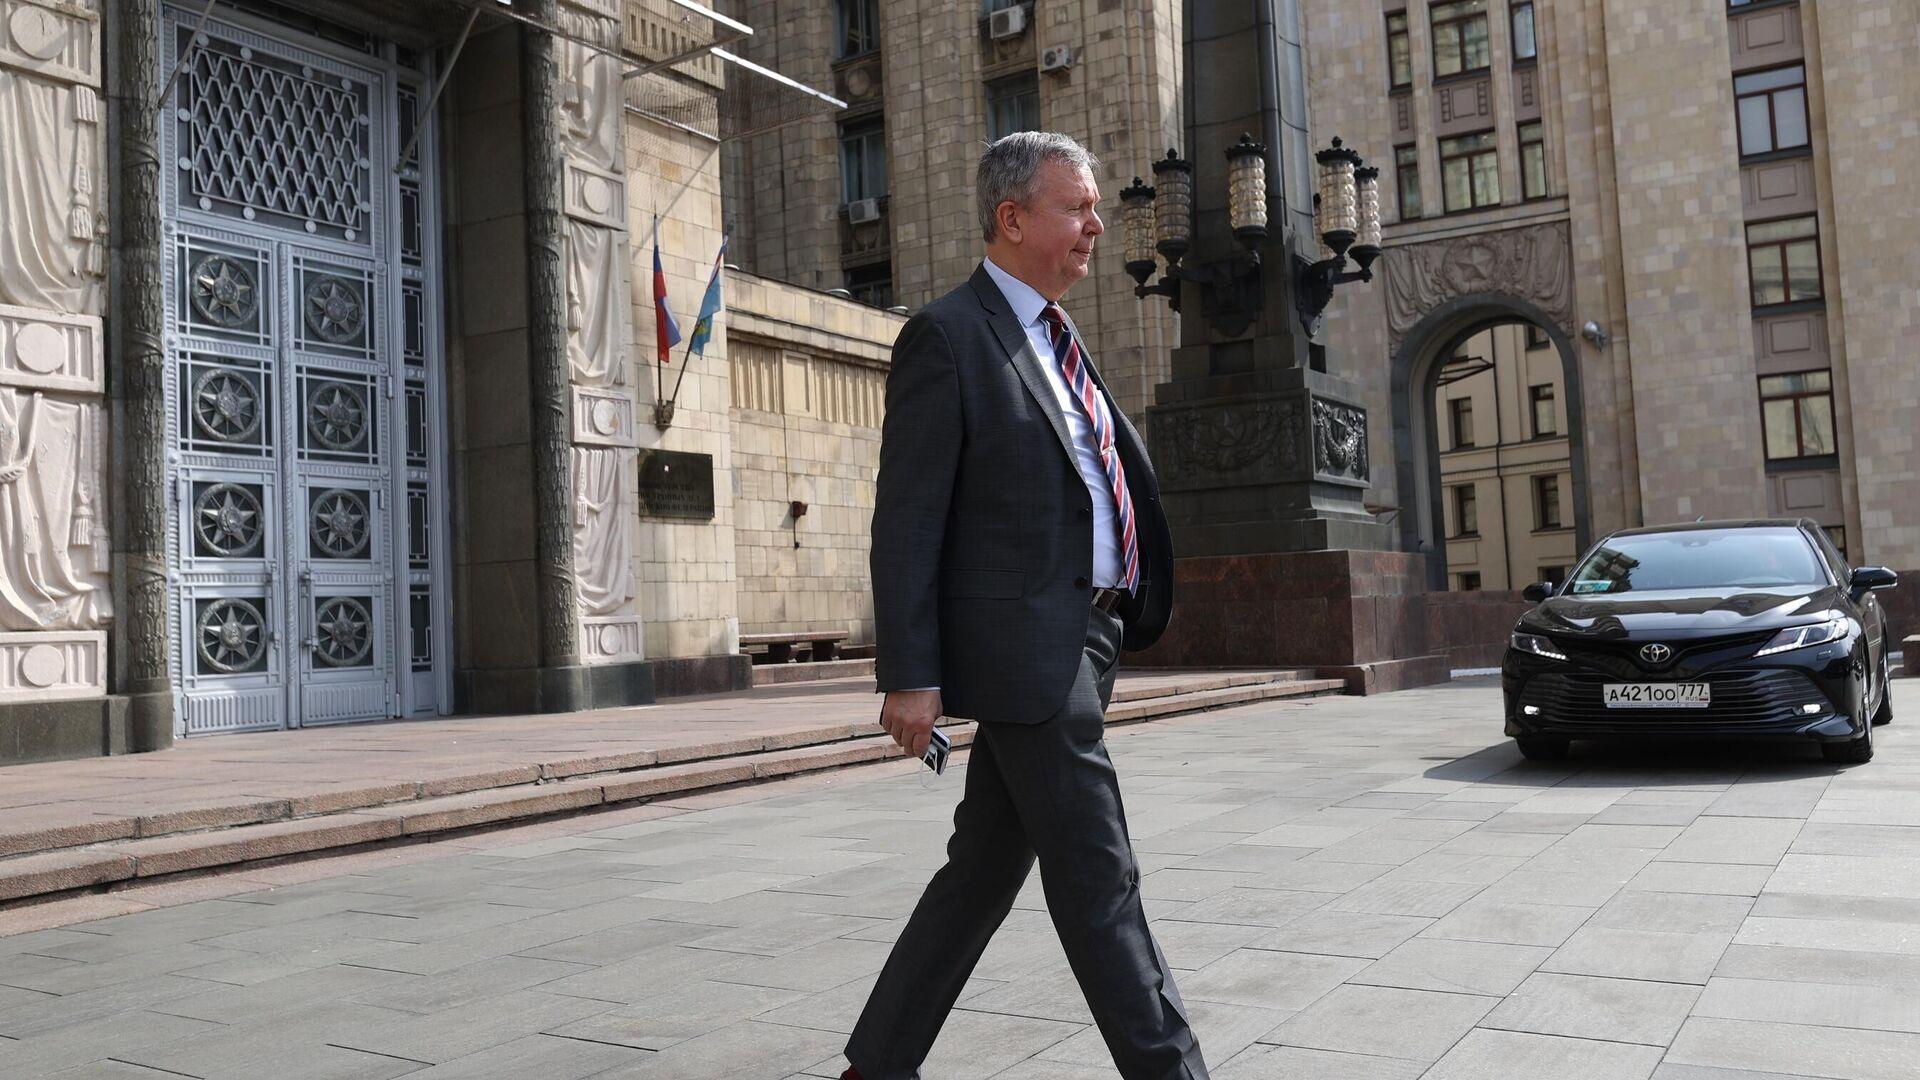 Посол Эстонии в России Маргус Лайдре выходит из здания в МИД РФ в Москве - РИА Новости, 1920, 03.08.2021